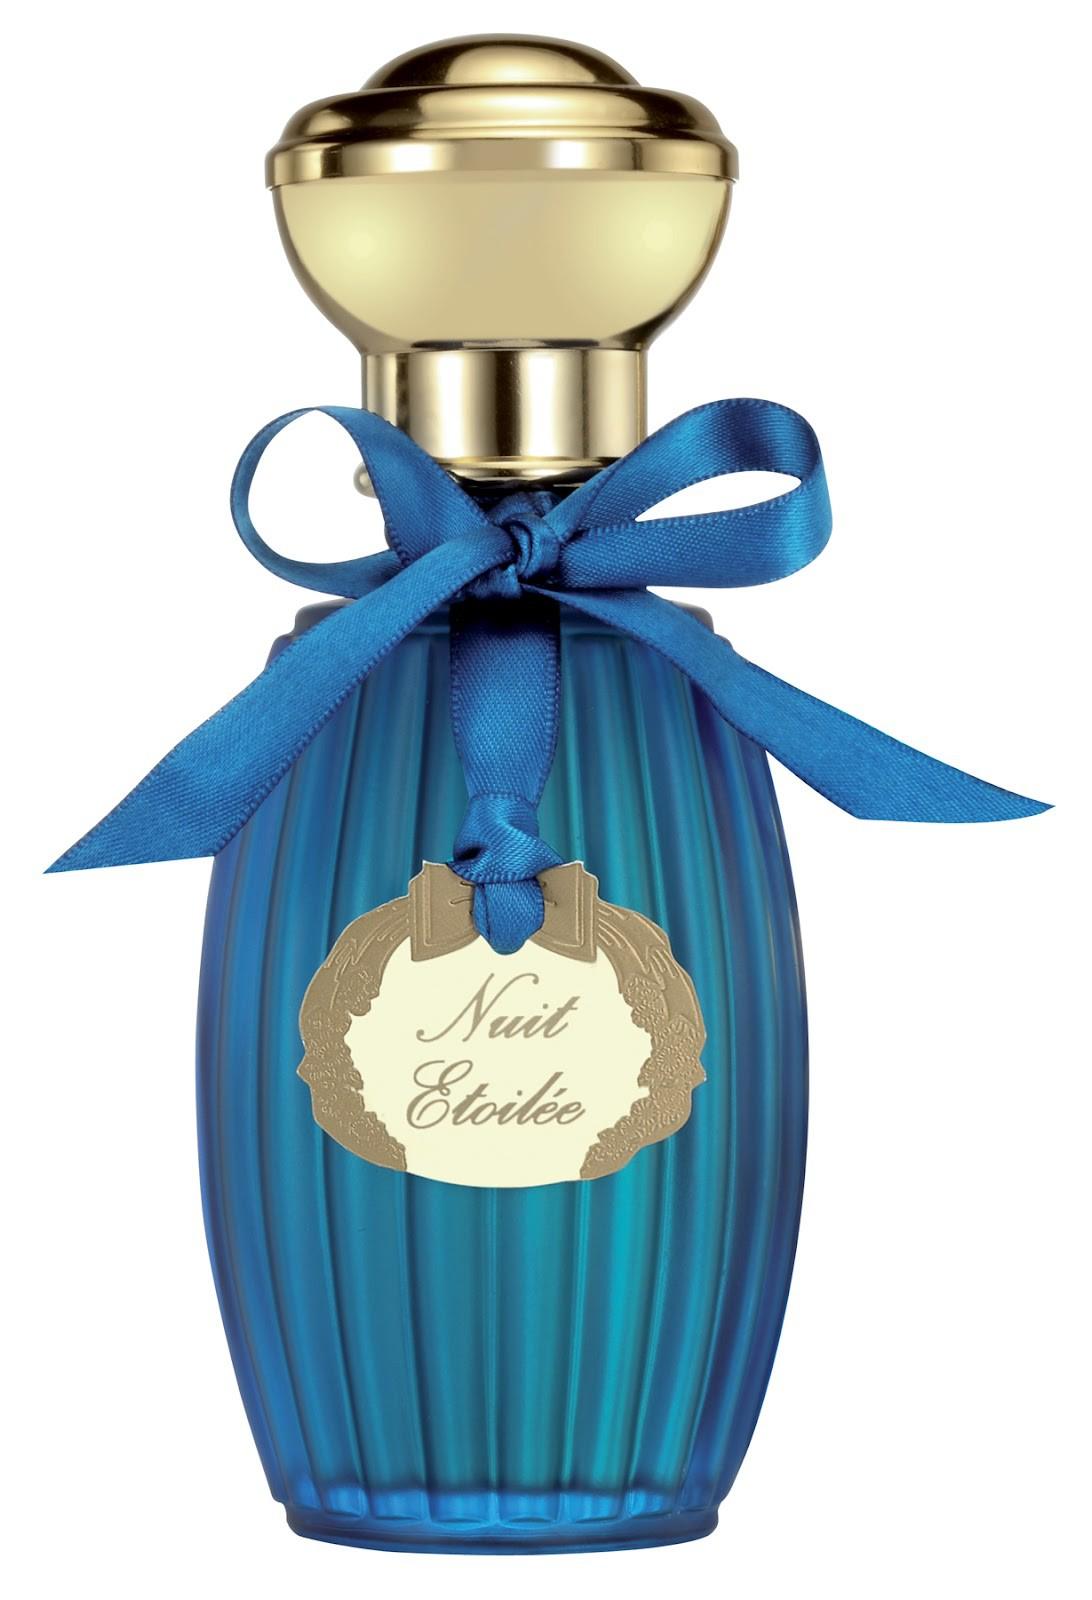 Goutal Nuit Etoilee Eau de Parfum аромат для женщин